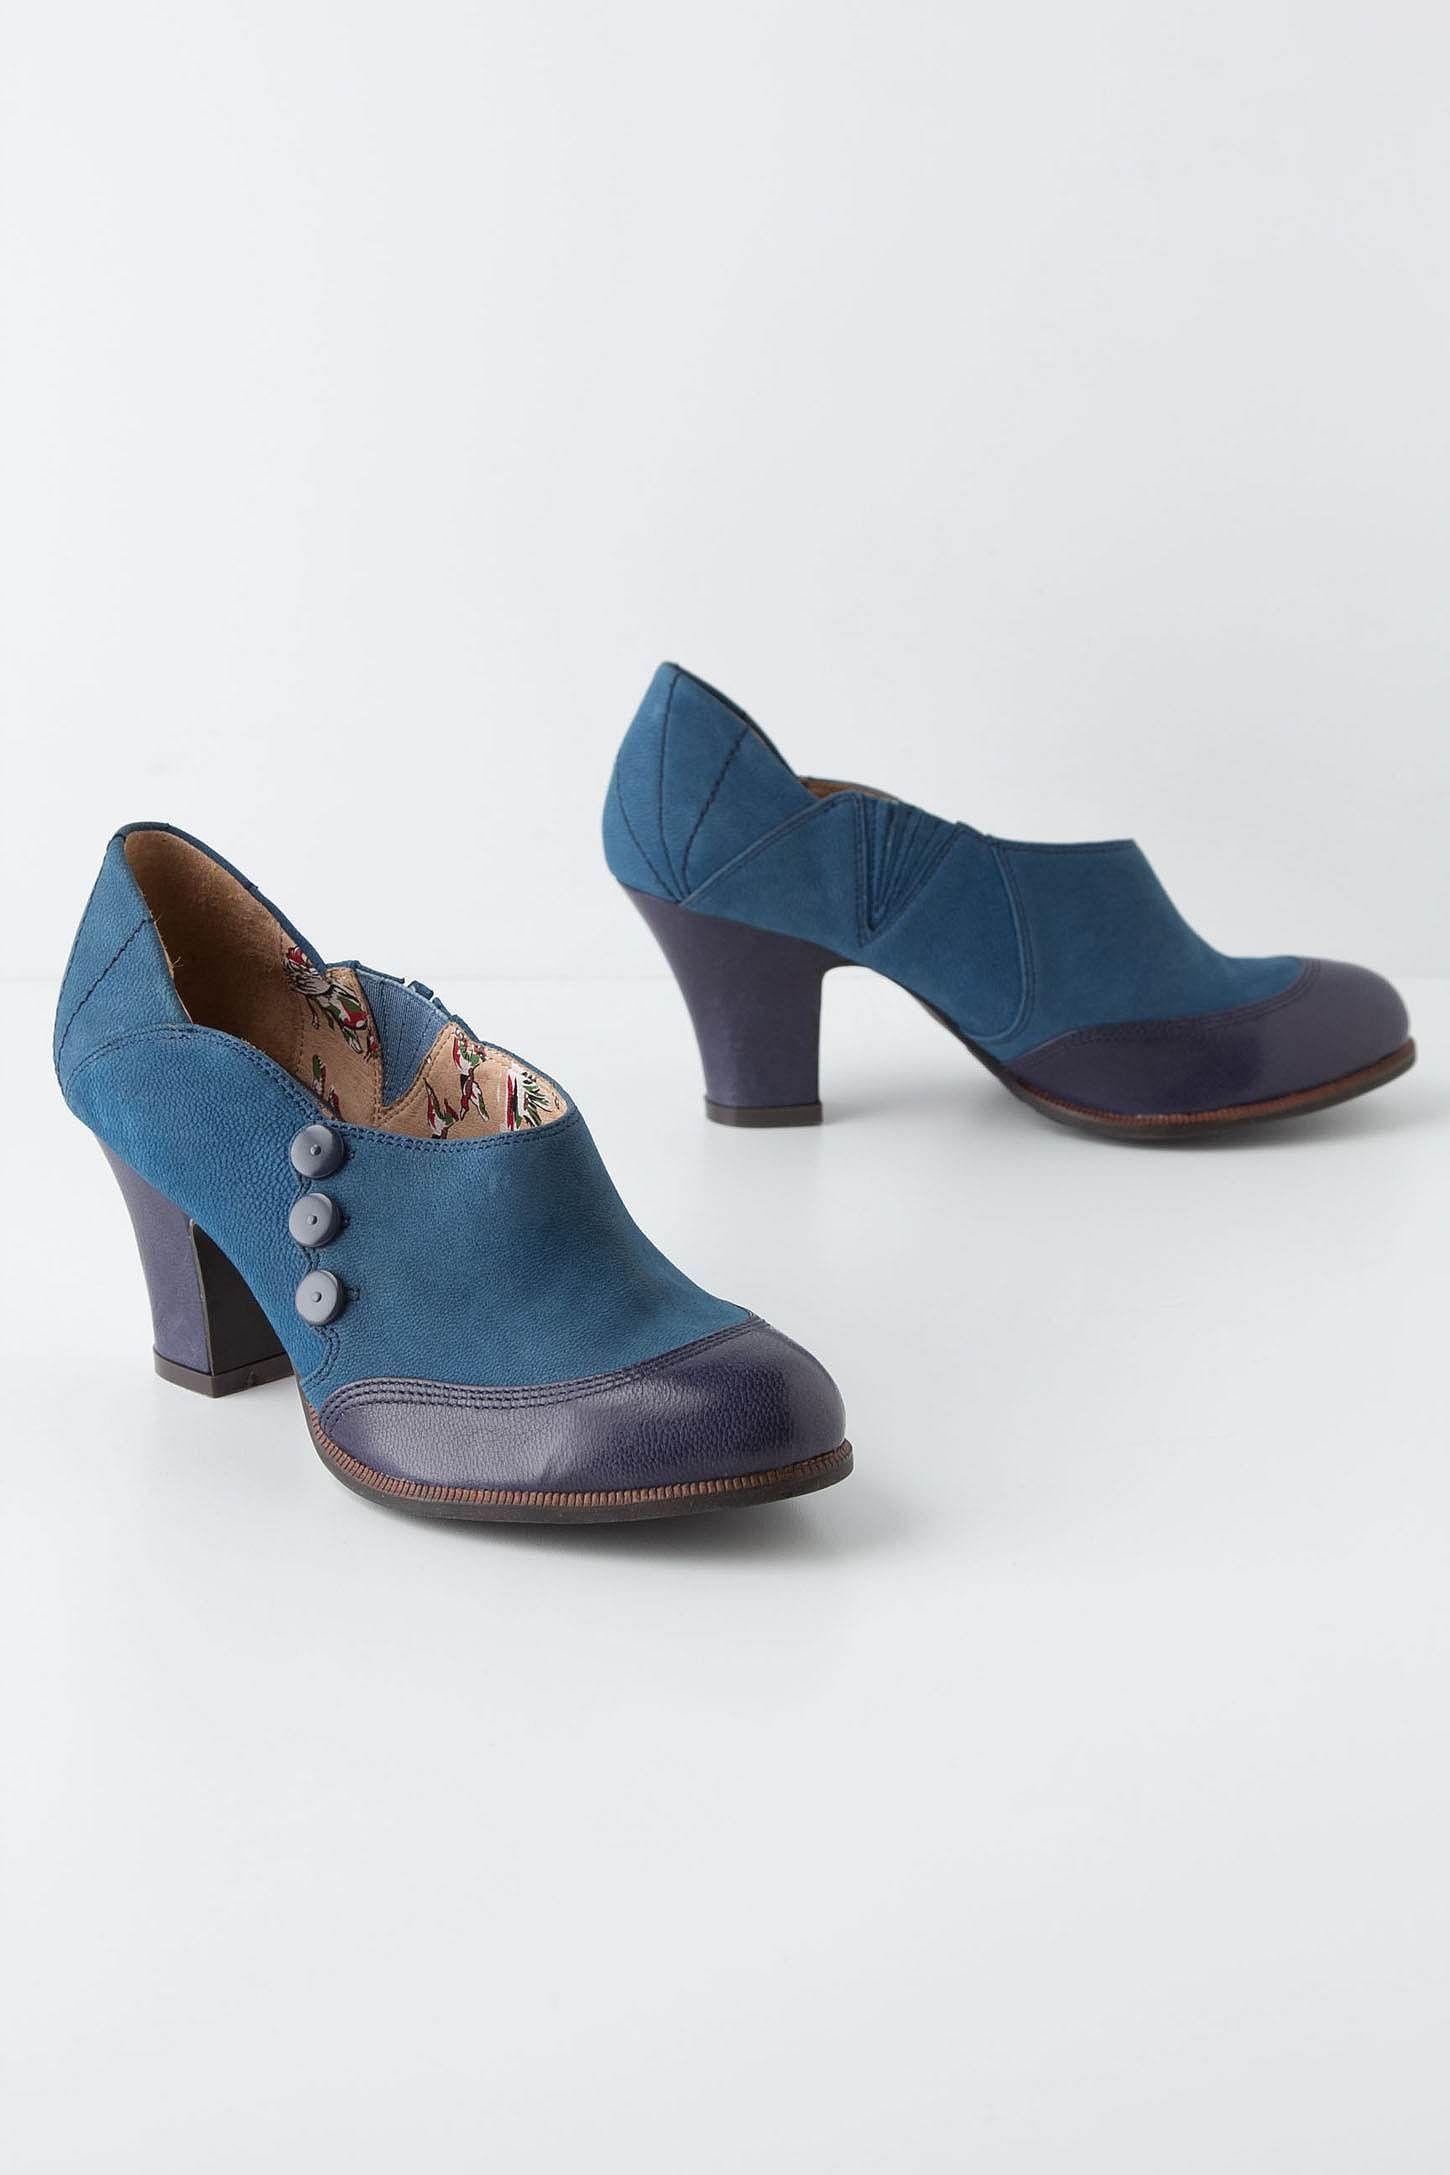 Highbush Heels - Anthropologie.com